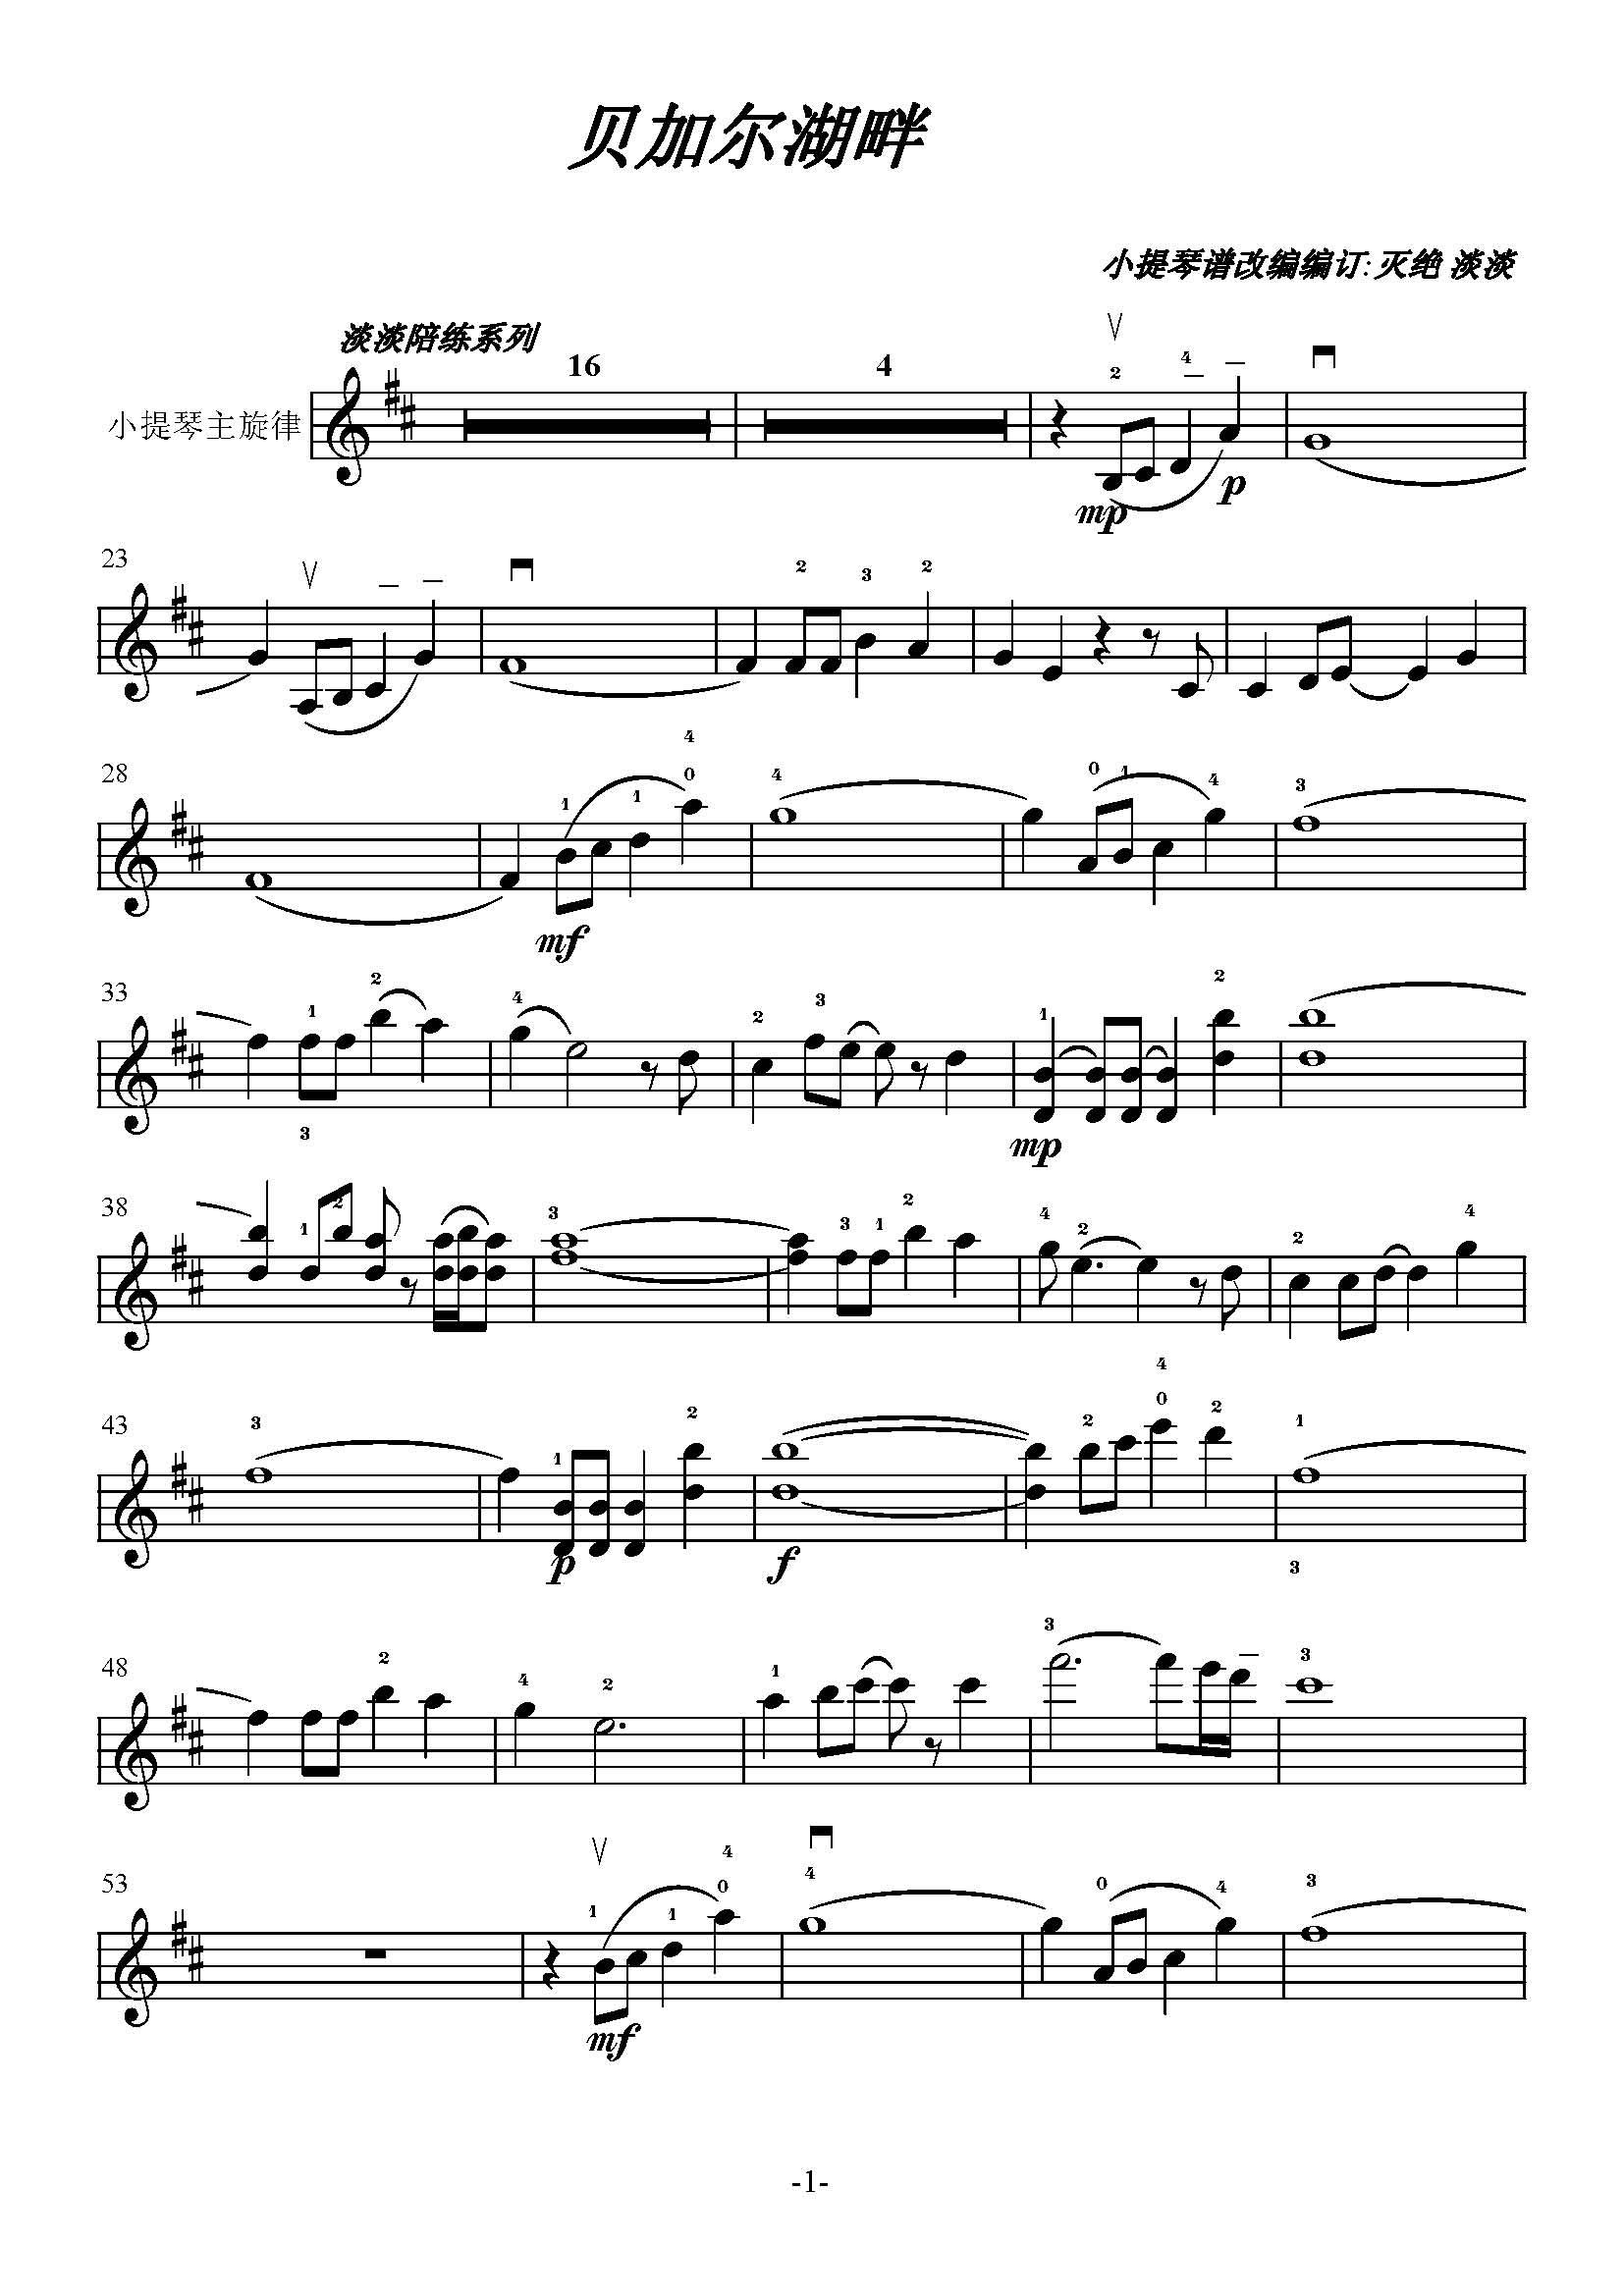 求《贝加尔湖畔》的五线谱,最好是小提琴谱